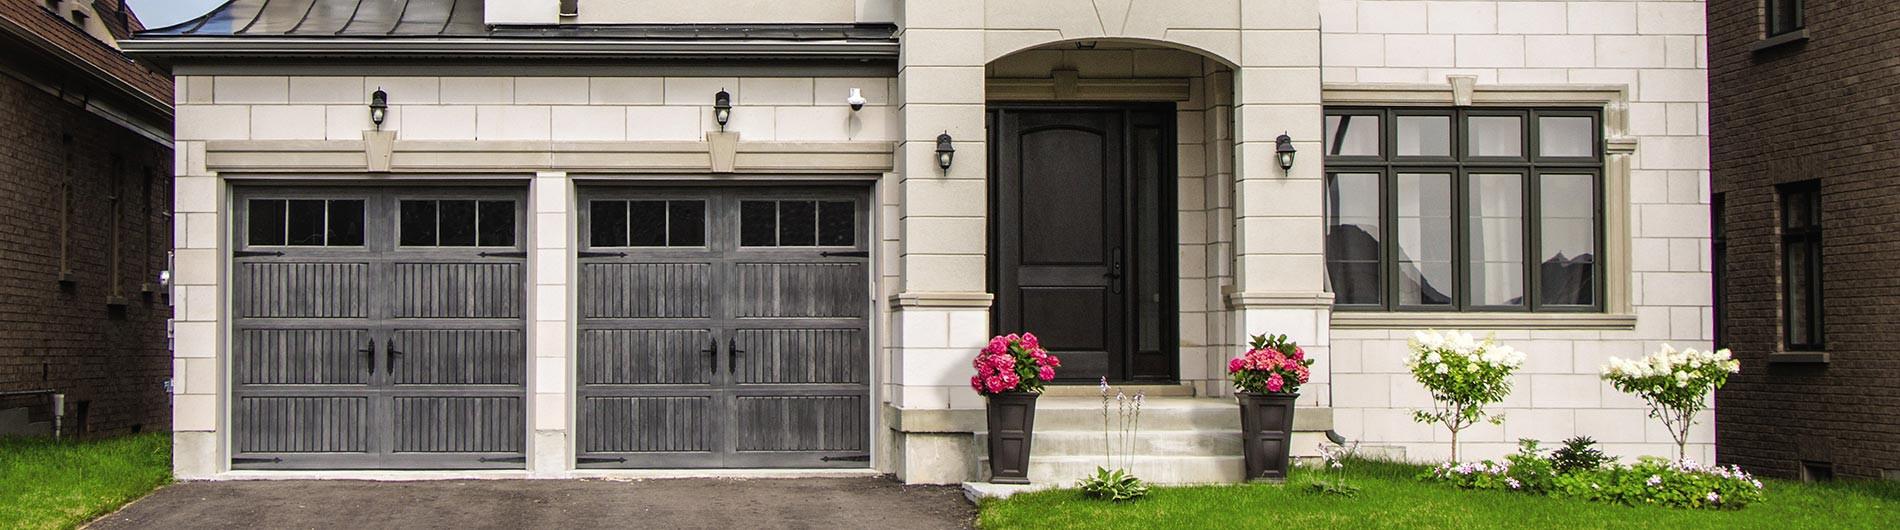 9800-Fiberglass-Garage-Door-Sonoma-Gray-